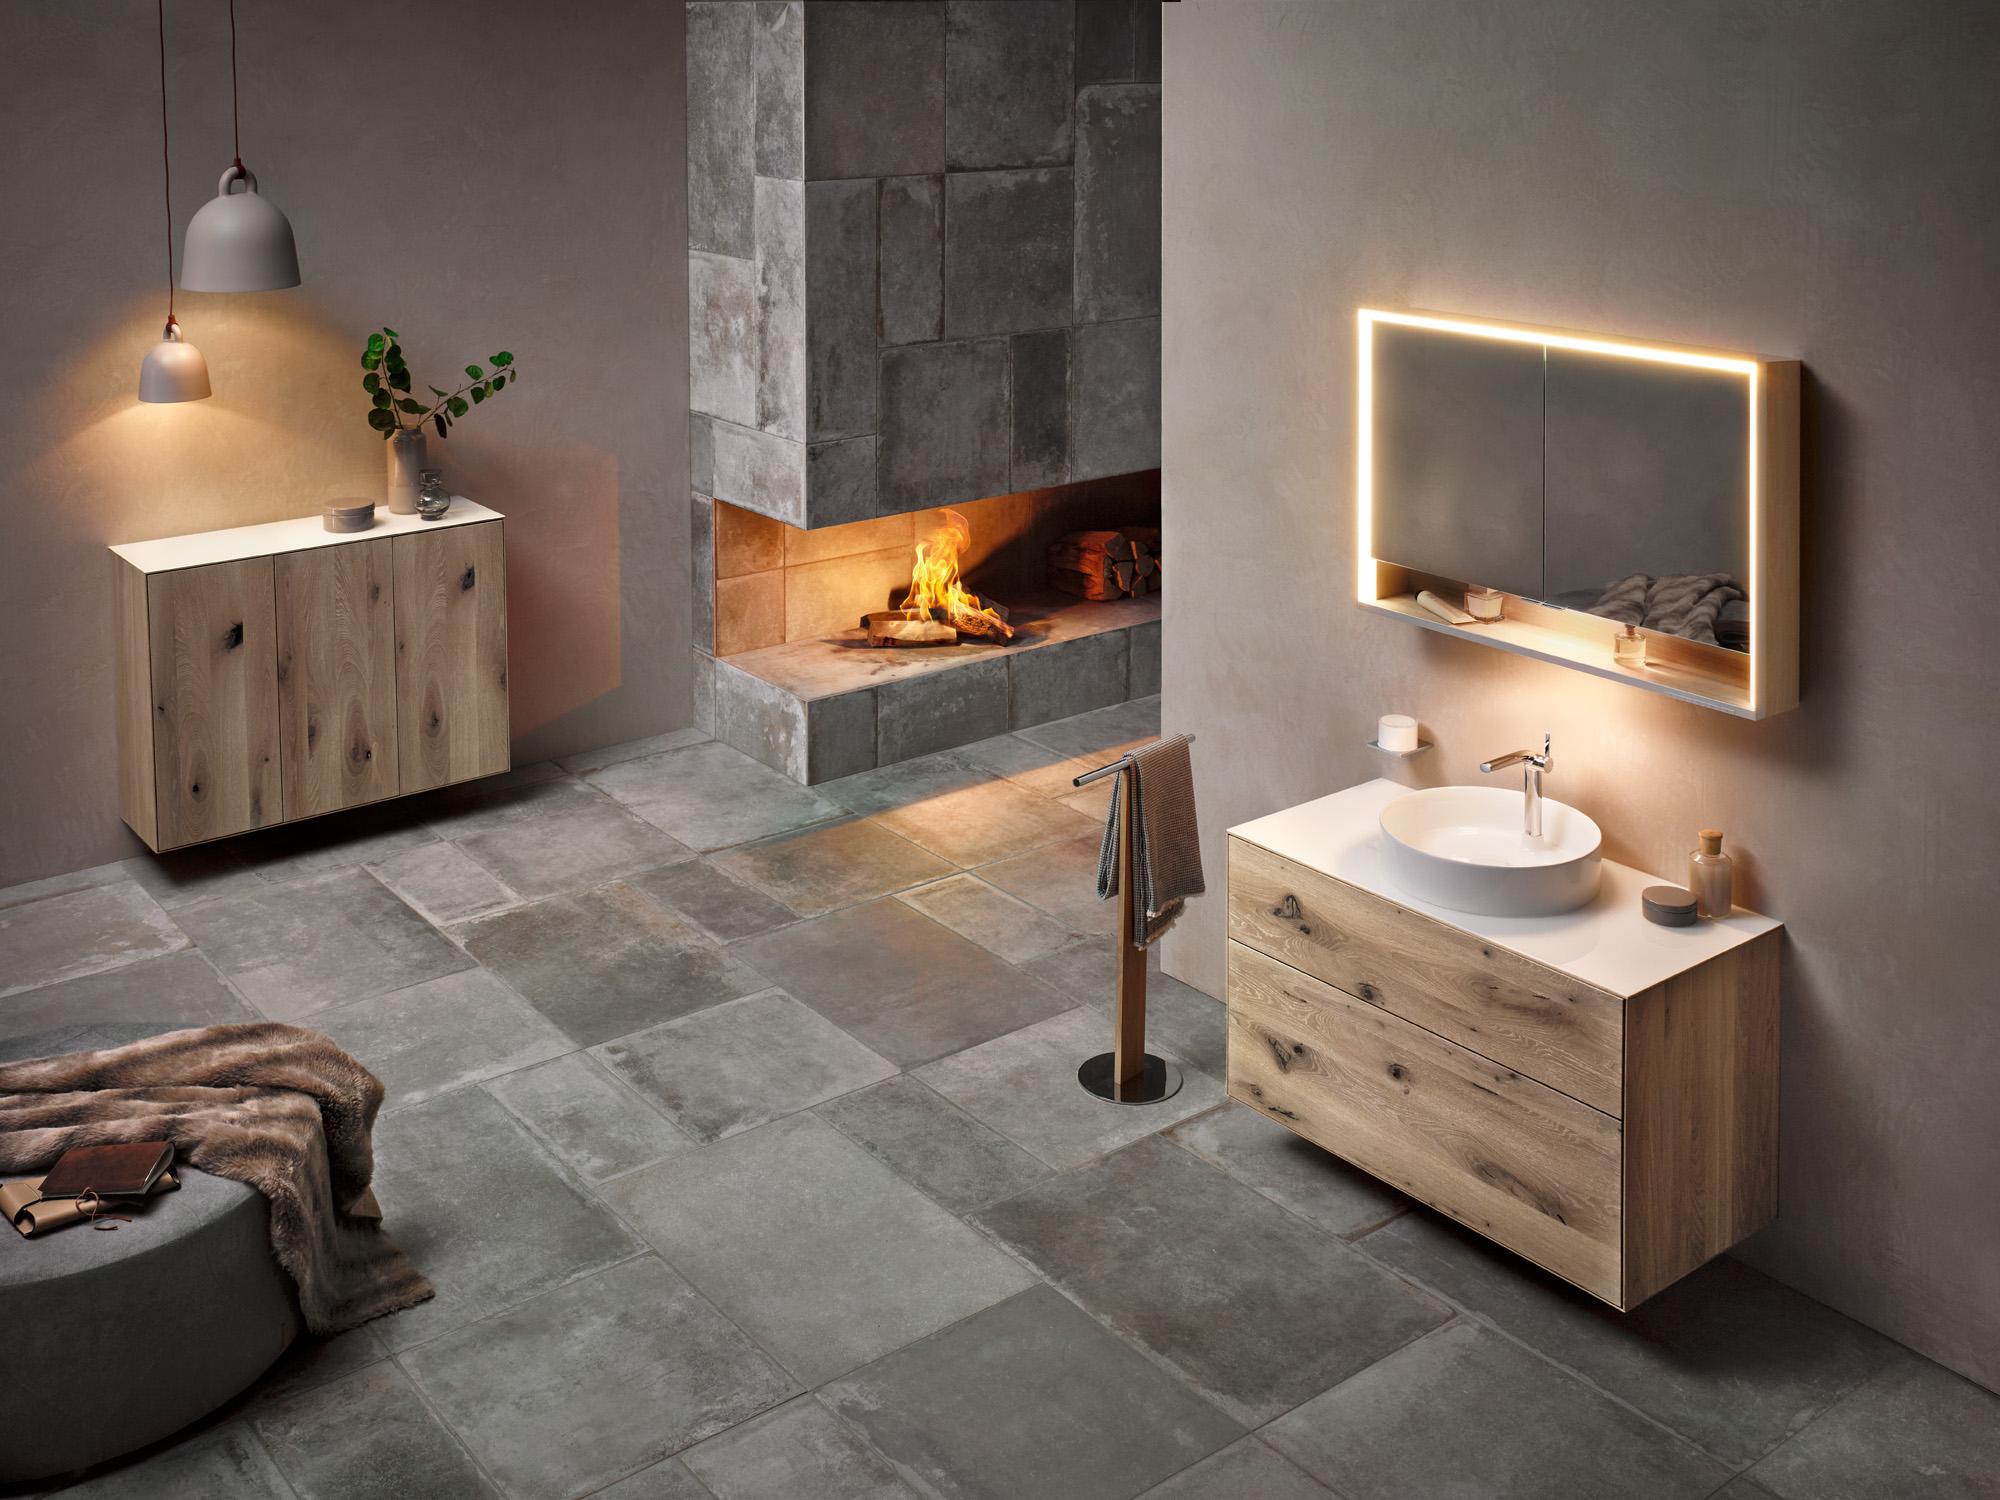 Edition Lignatur Das Luxuriose Badeinrichtungskonzept Mit Mobeln Aus Naturholz Edition Lignatur